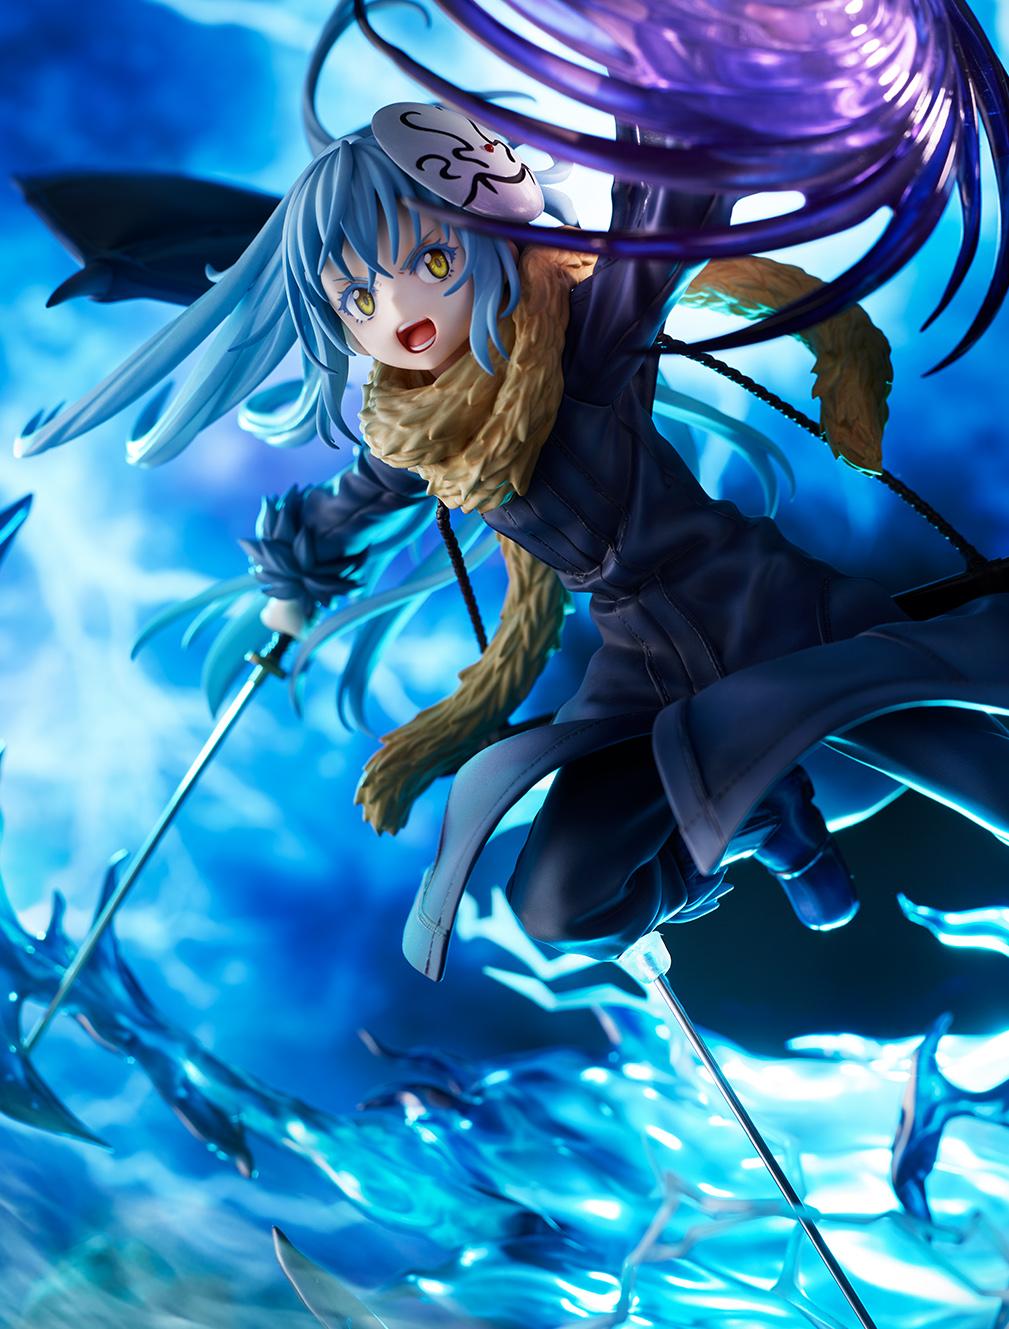 Rimuru Tempest